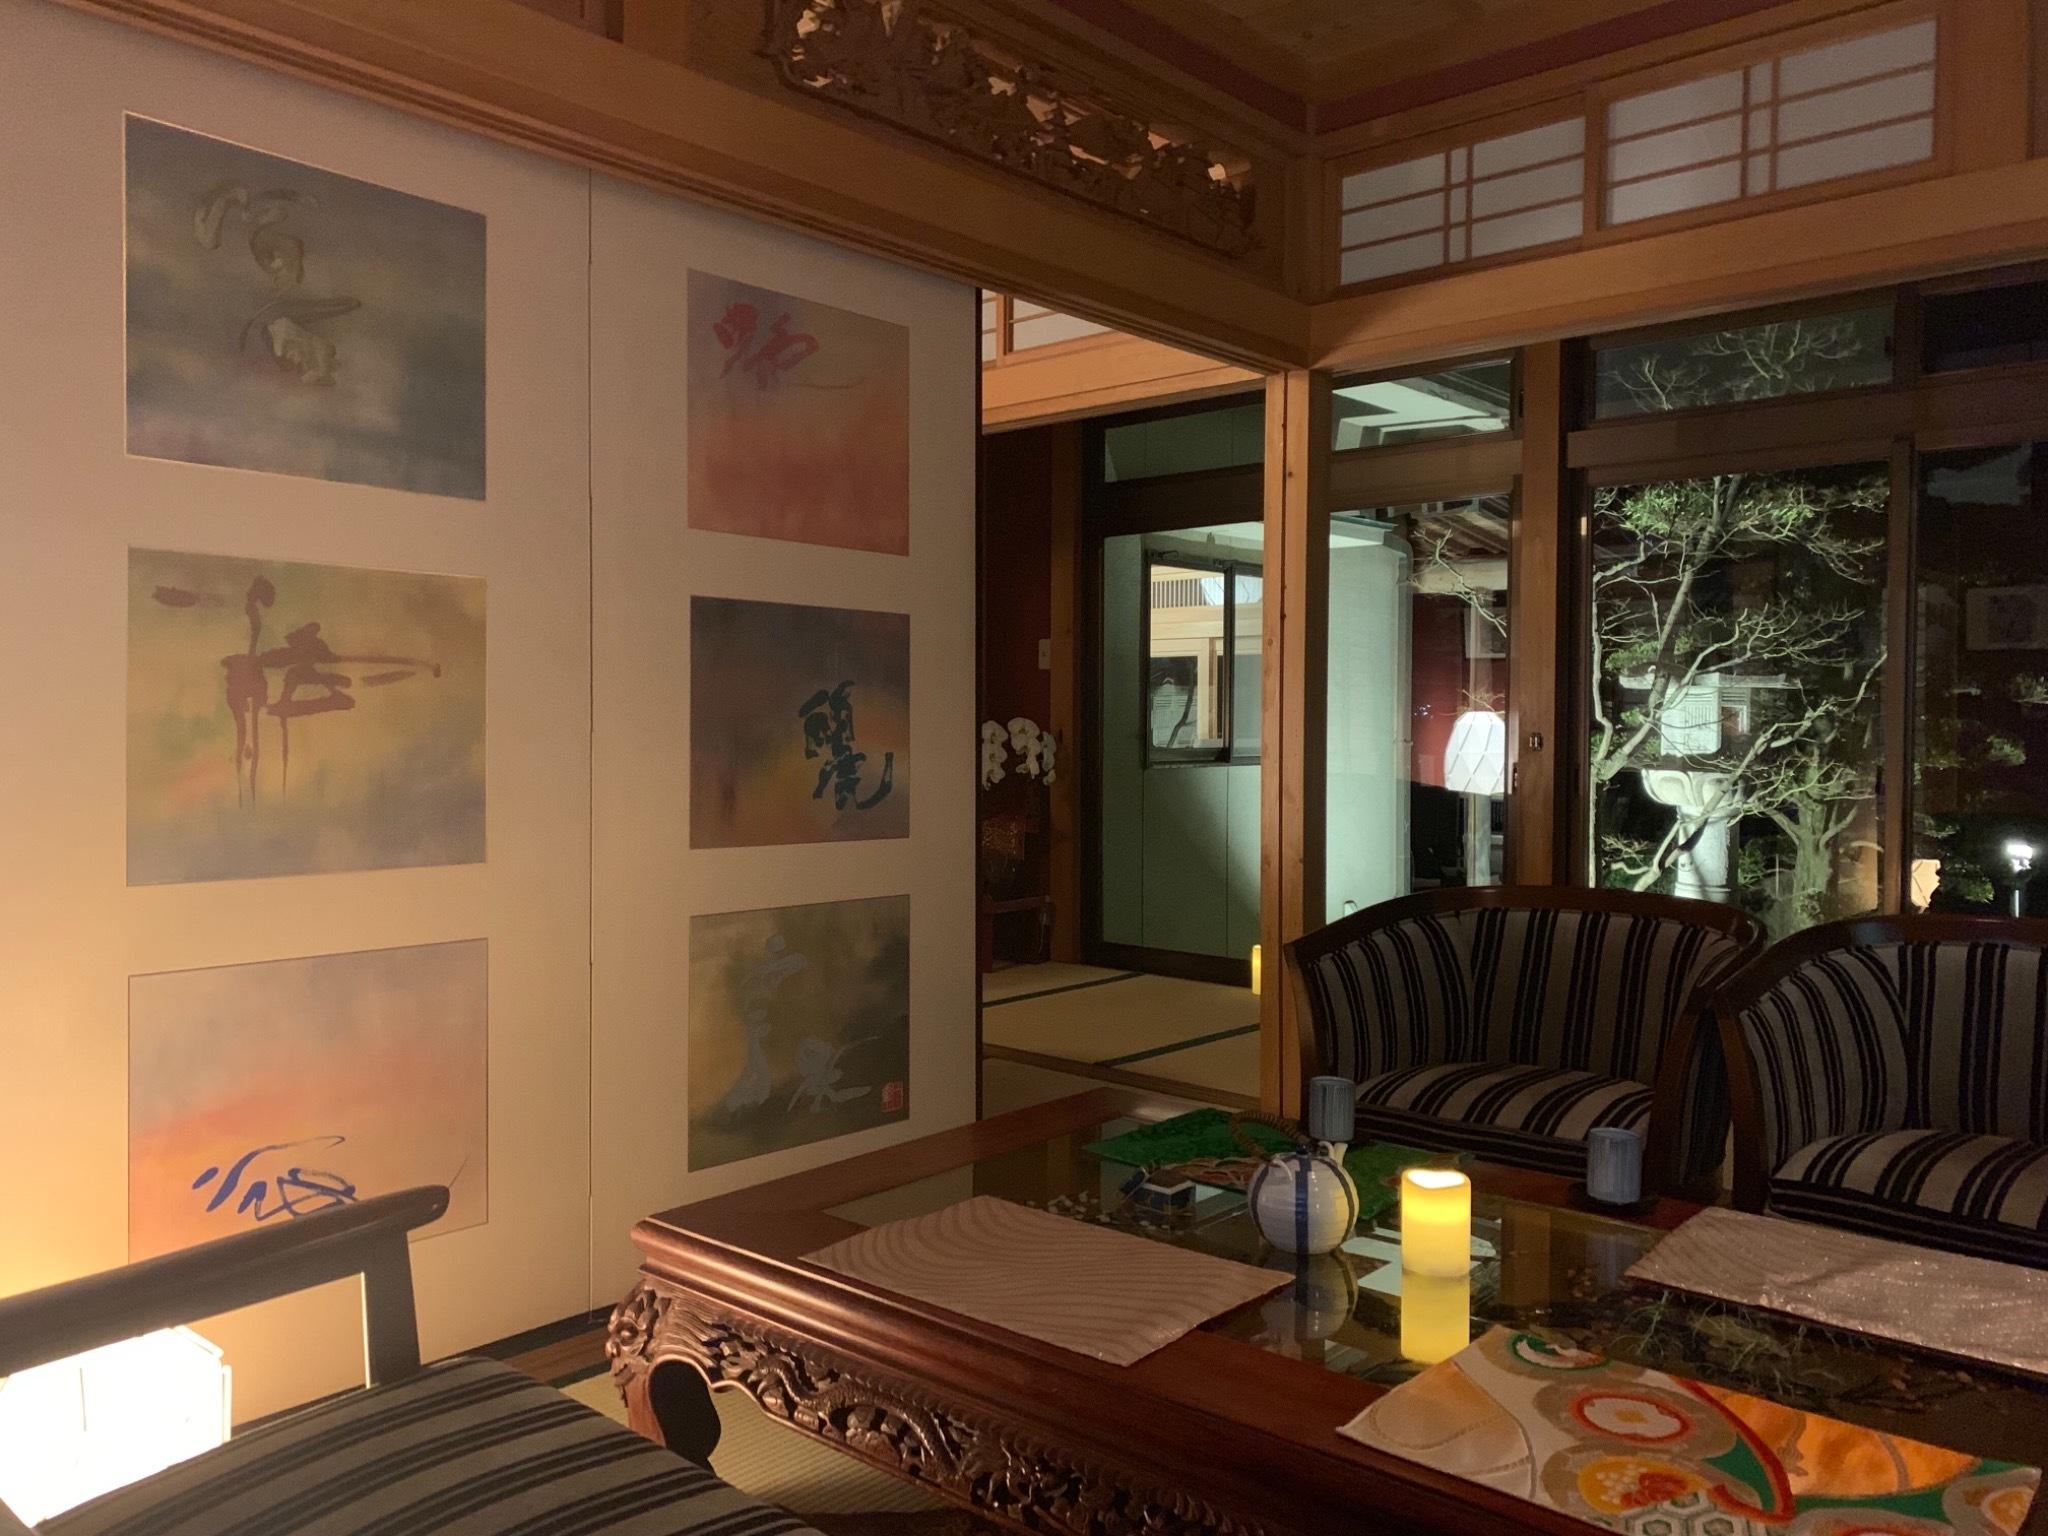 畳の香りが安らぐ和モダンで清潔感のある部屋 「信」の間です。